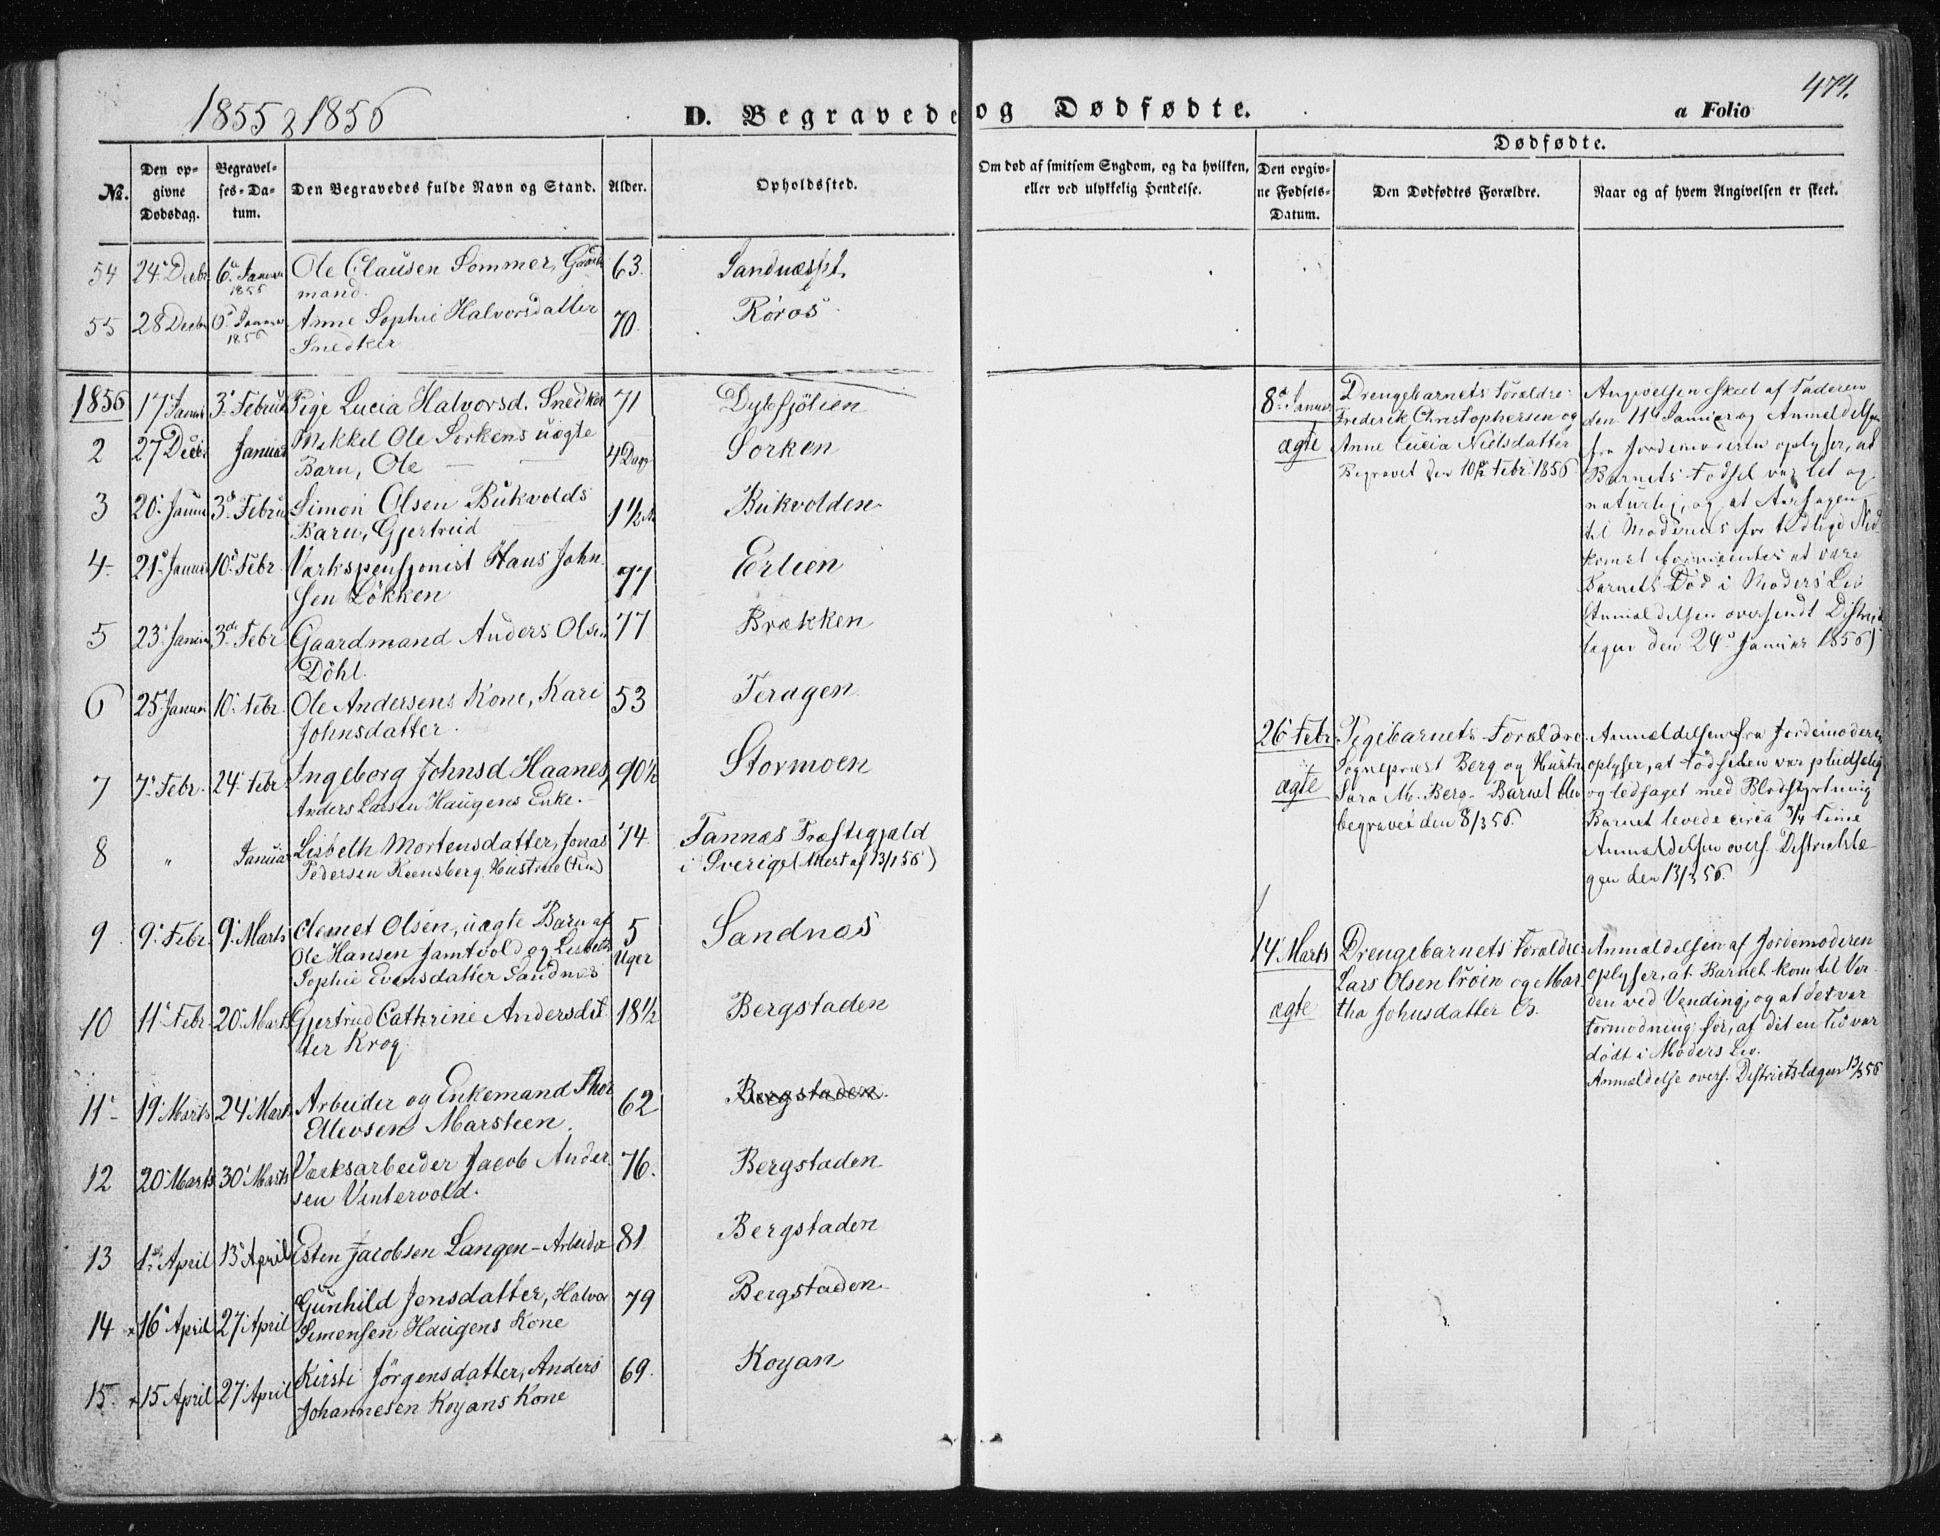 SAT, Ministerialprotokoller, klokkerbøker og fødselsregistre - Sør-Trøndelag, 681/L0931: Ministerialbok nr. 681A09, 1845-1859, s. 474